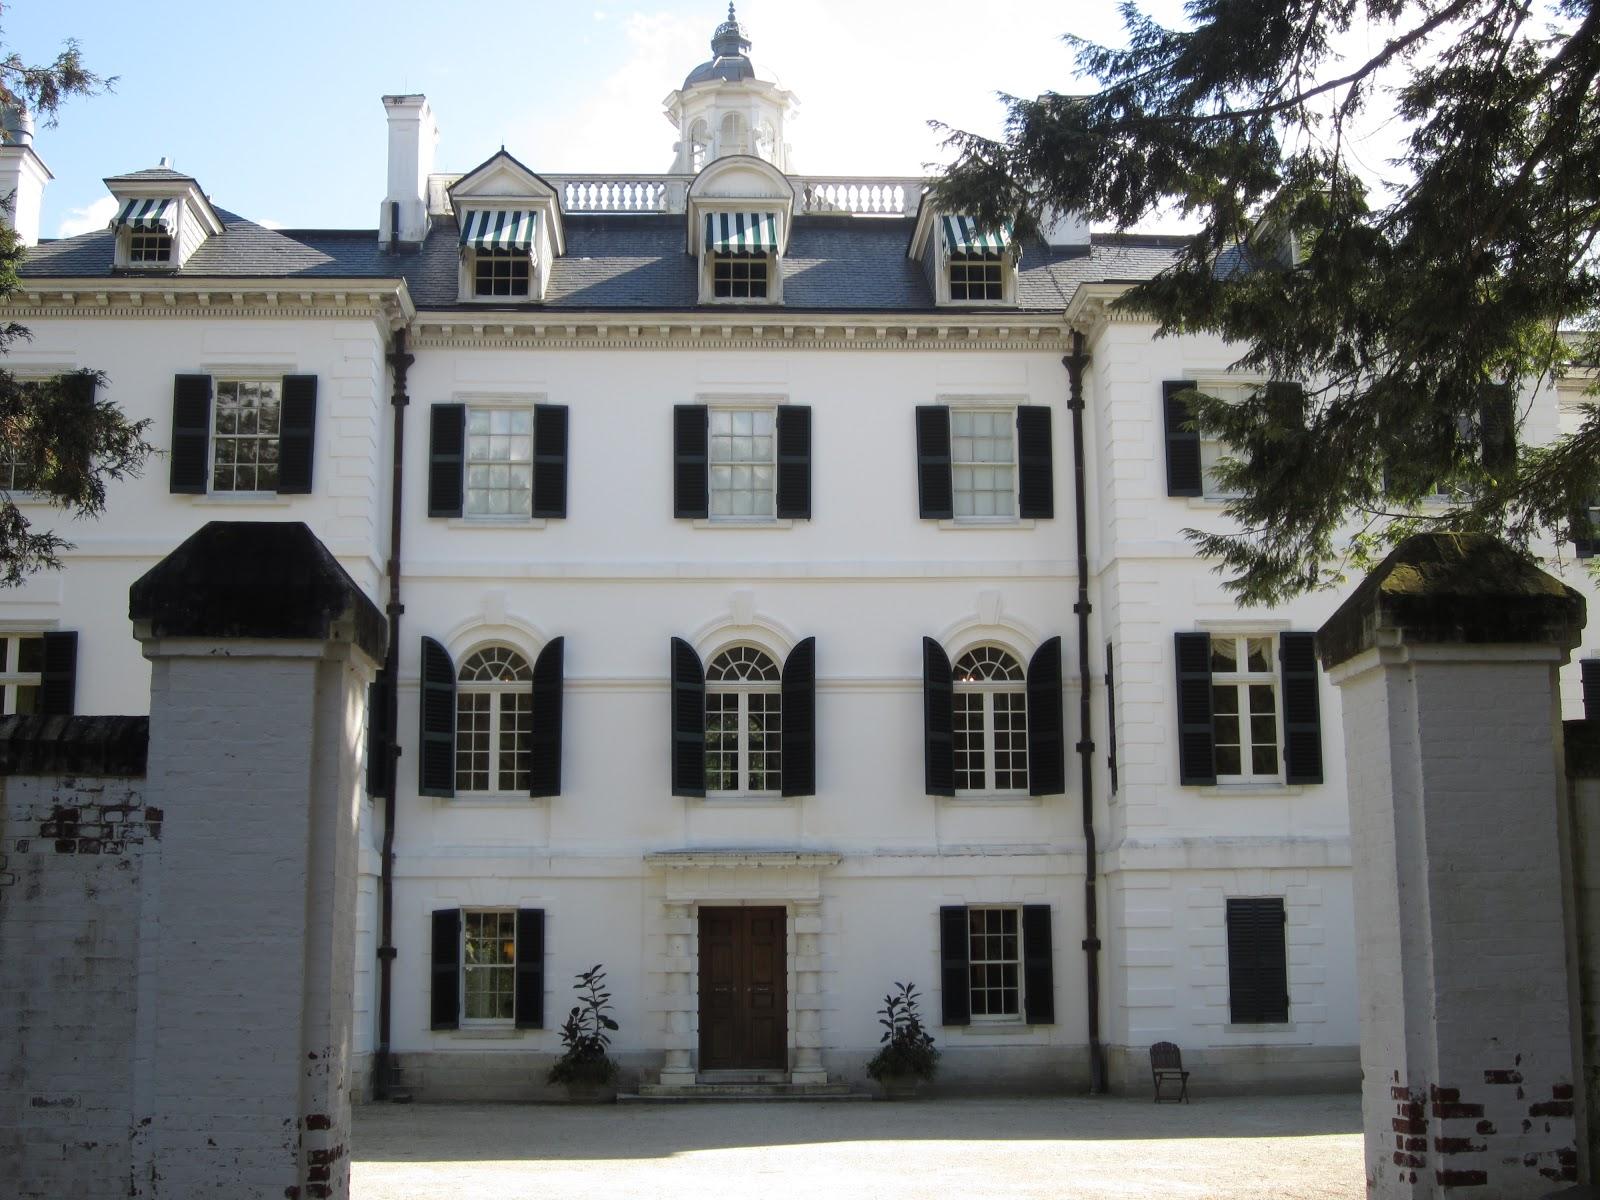 http://1.bp.blogspot.com/-Z9isaN96cok/UIhdKShdwYI/AAAAAAAABdw/tYI3uO9PJ8c/s1600/Edith+Wharton\'s+home+in+Lenox,+The+Mount.JPG